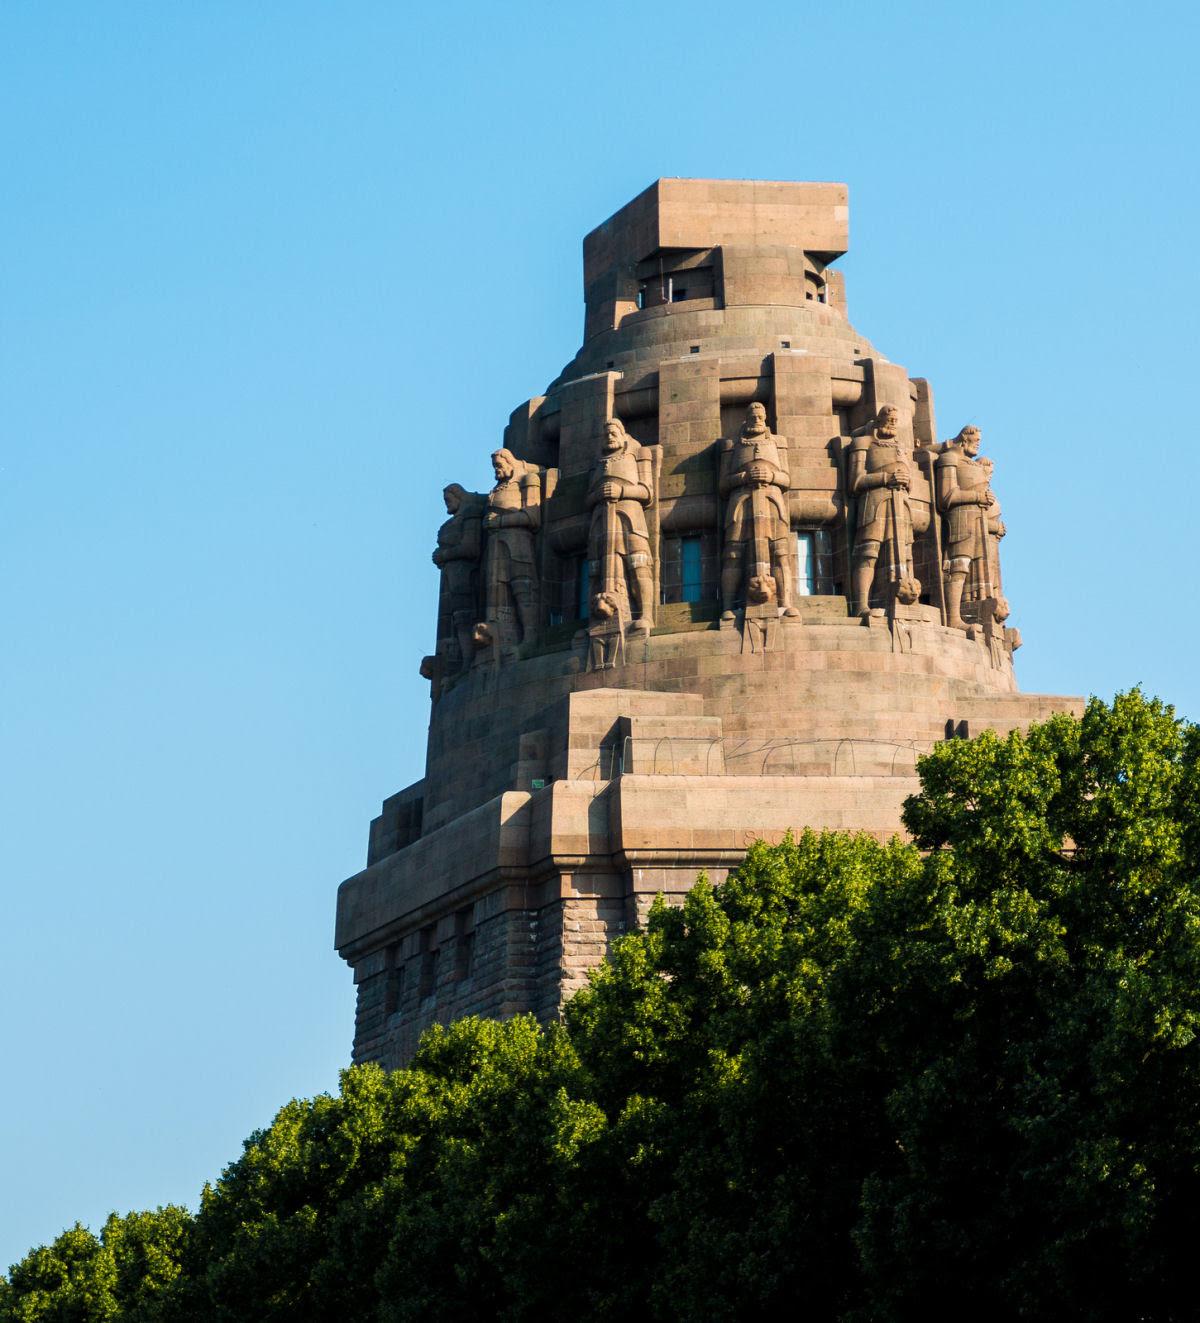 O Monumento à Batalha das Nações : O maior monumento da Europa 05